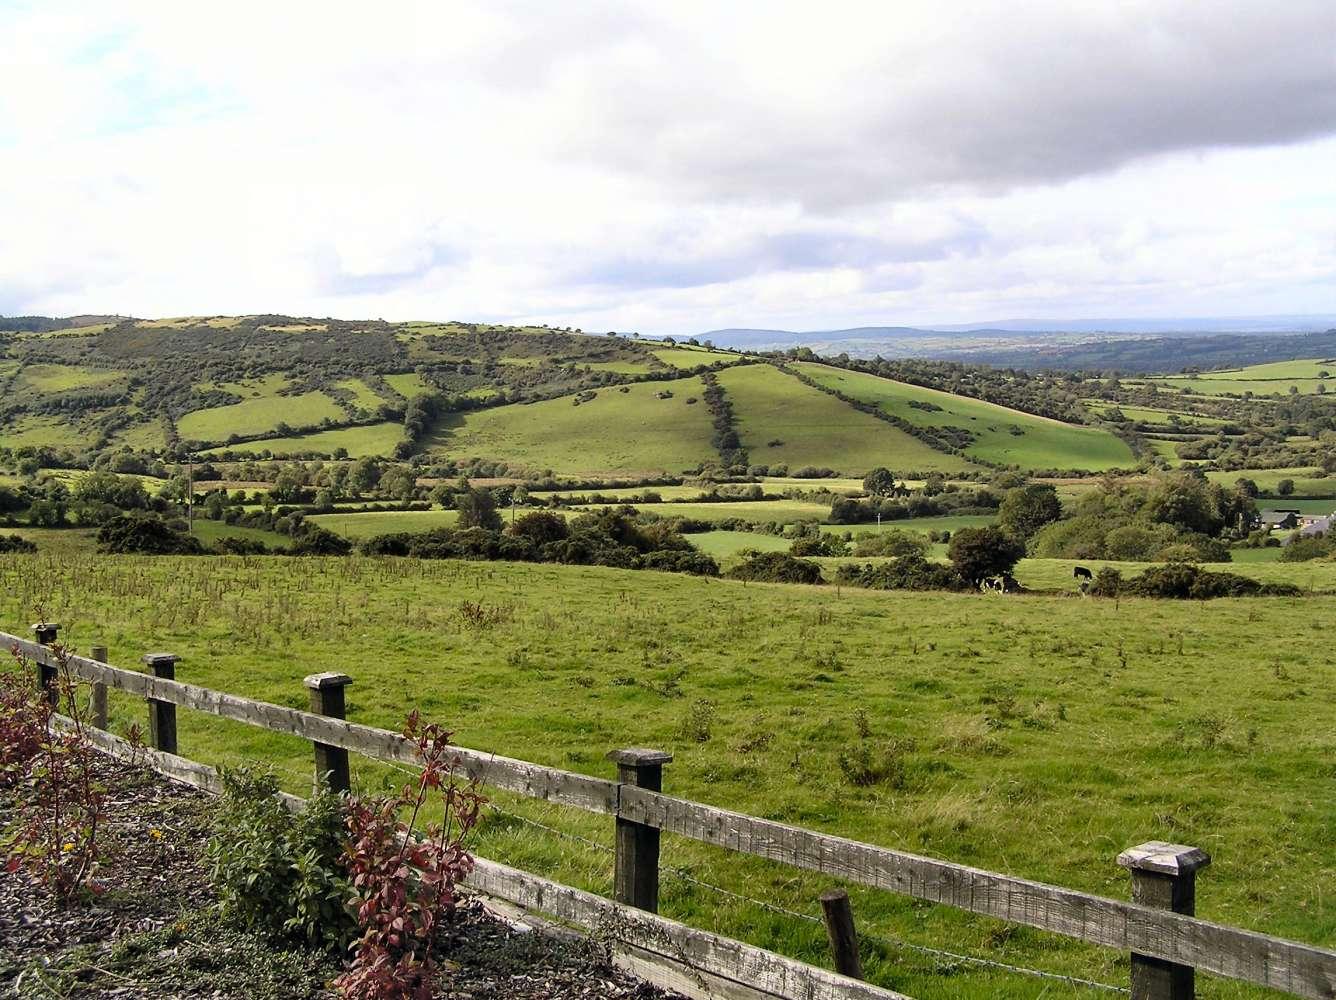 ireland landscape ireland landscape ireland landscape ireland ... Ierland